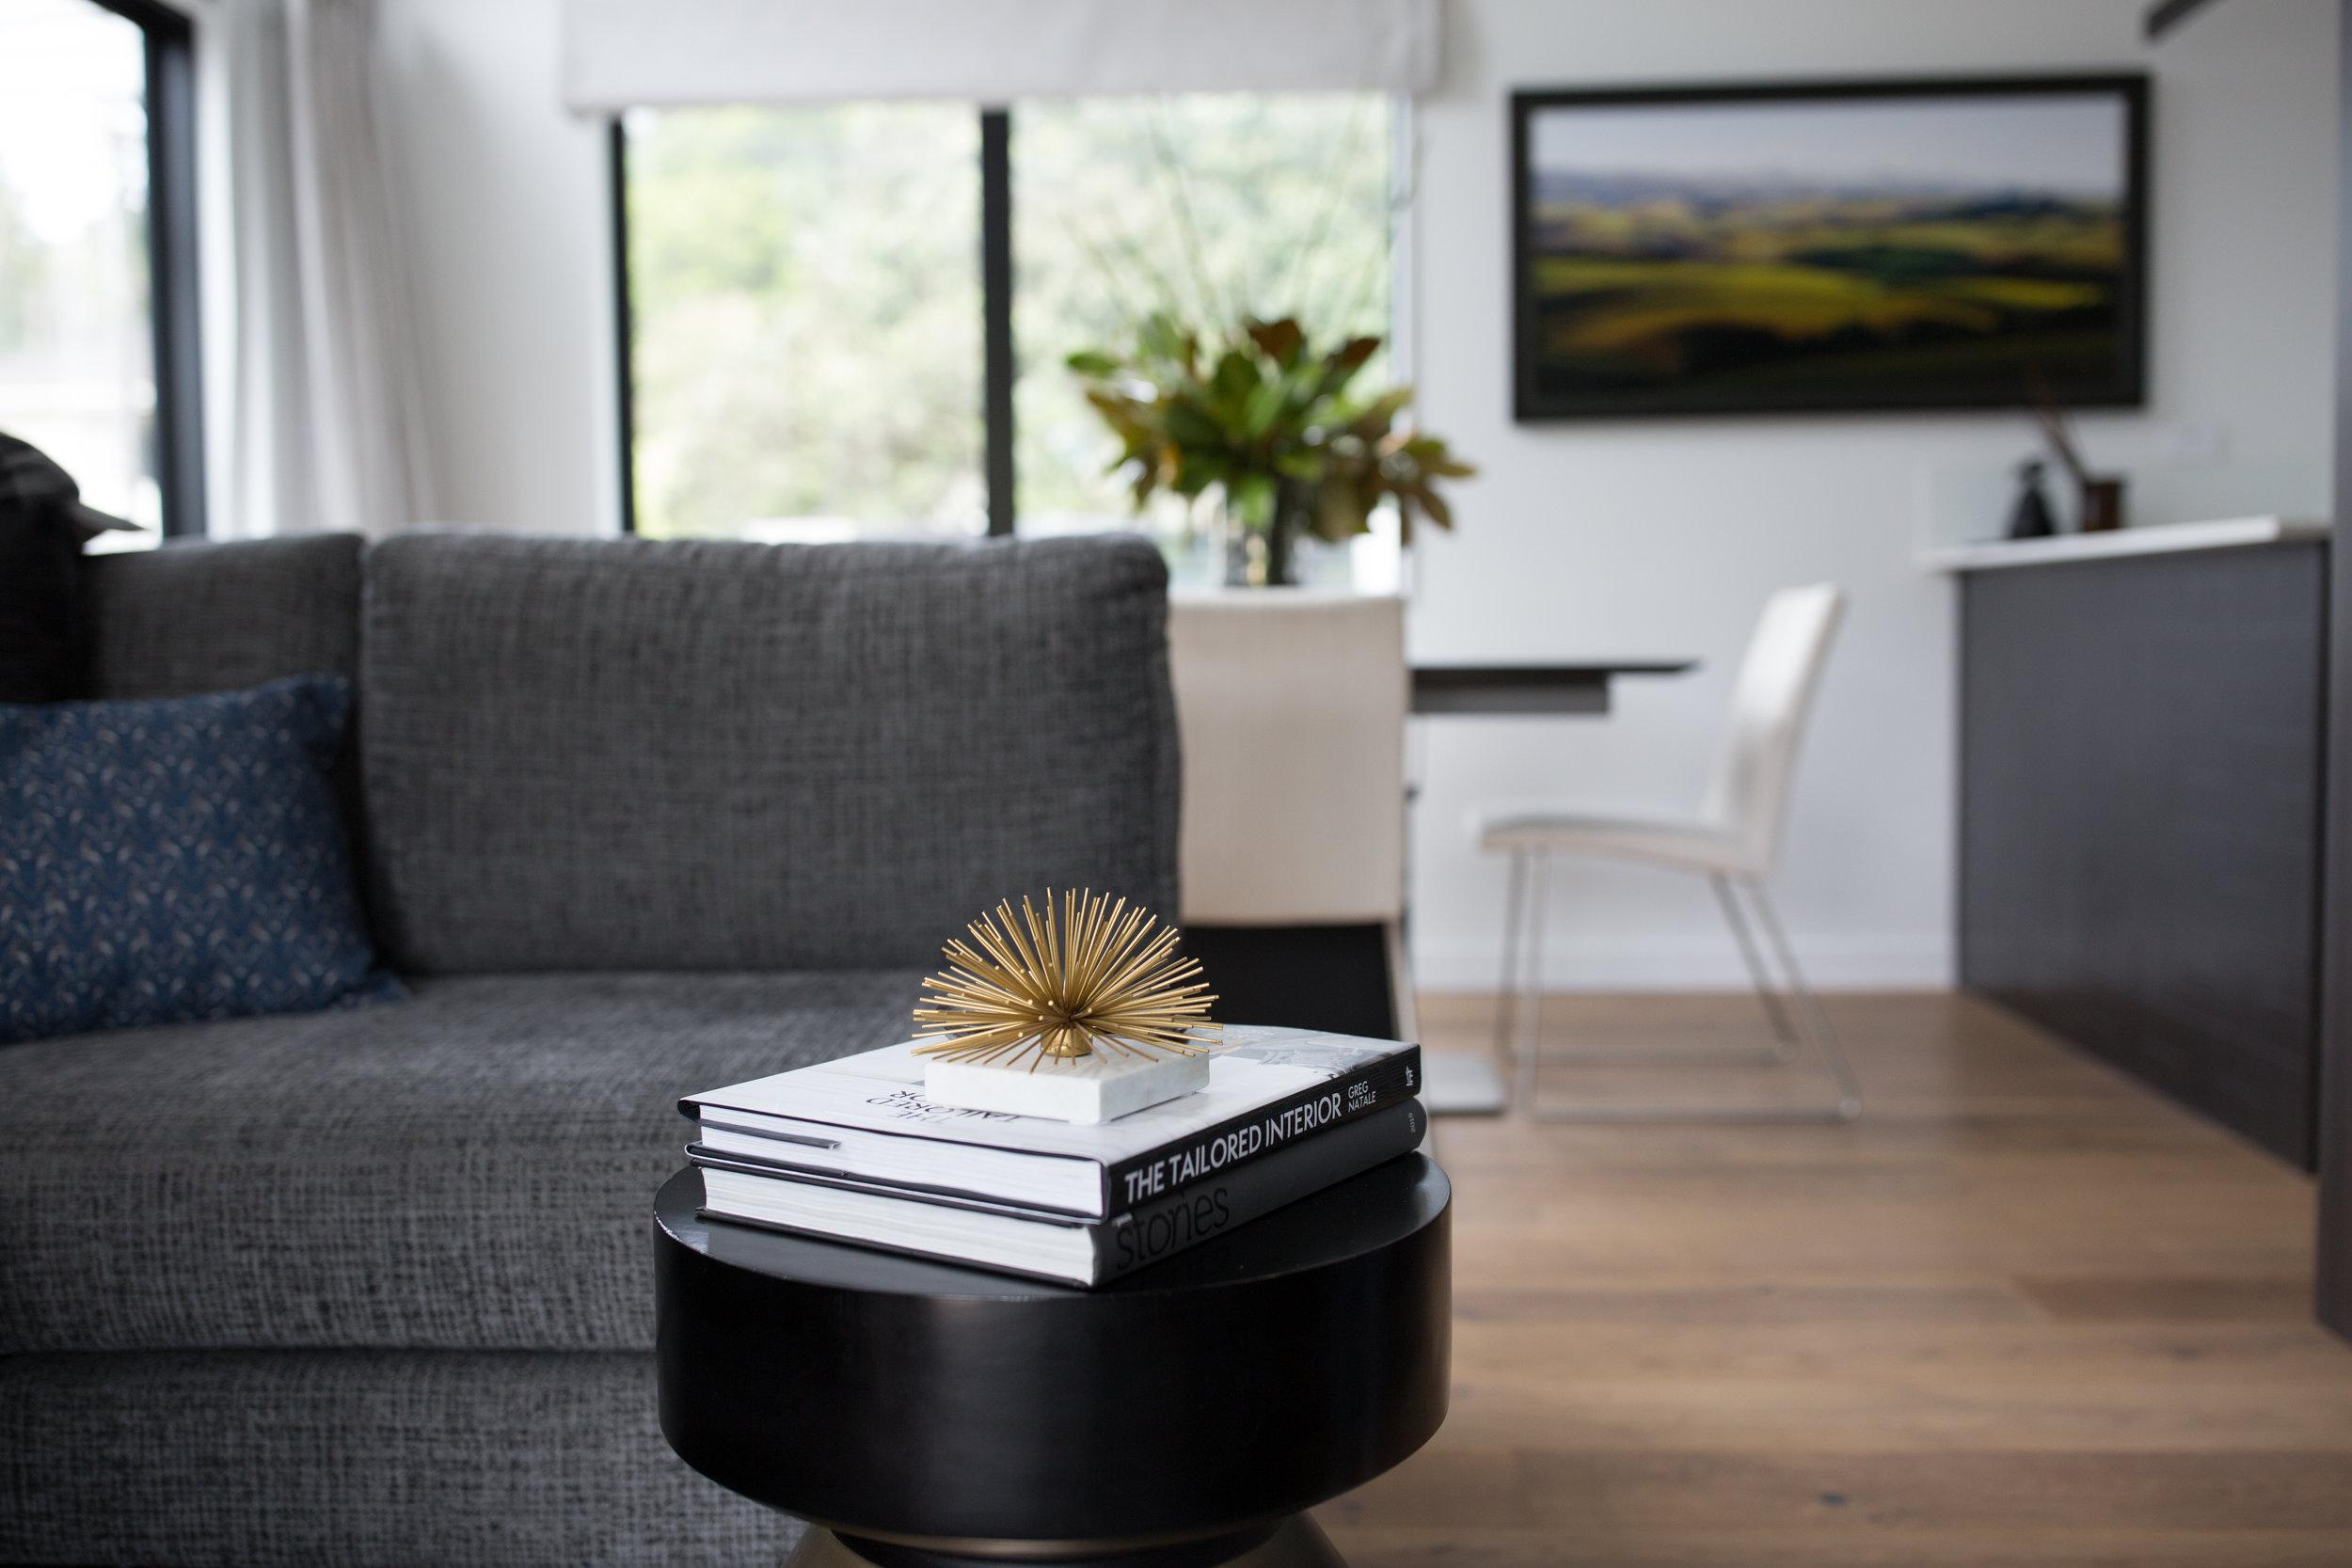 STATEMENT DOWNSIZE  renovation & furnishings